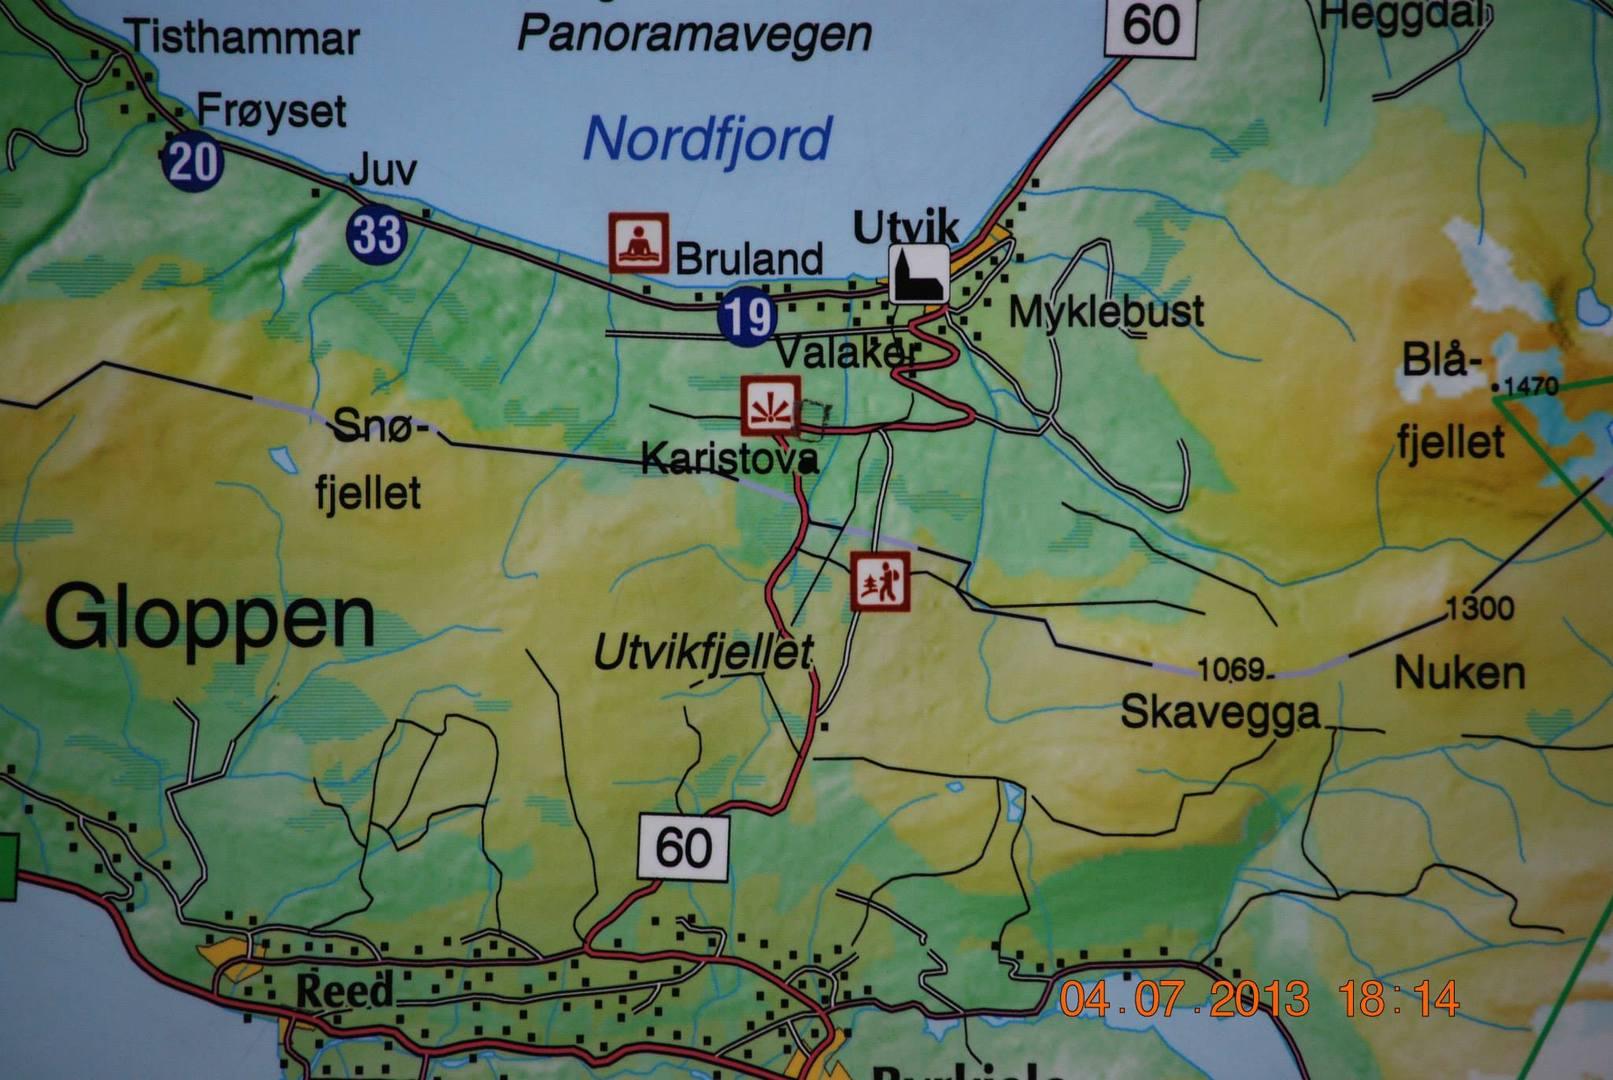 מפת נקודת התצפית Karistova